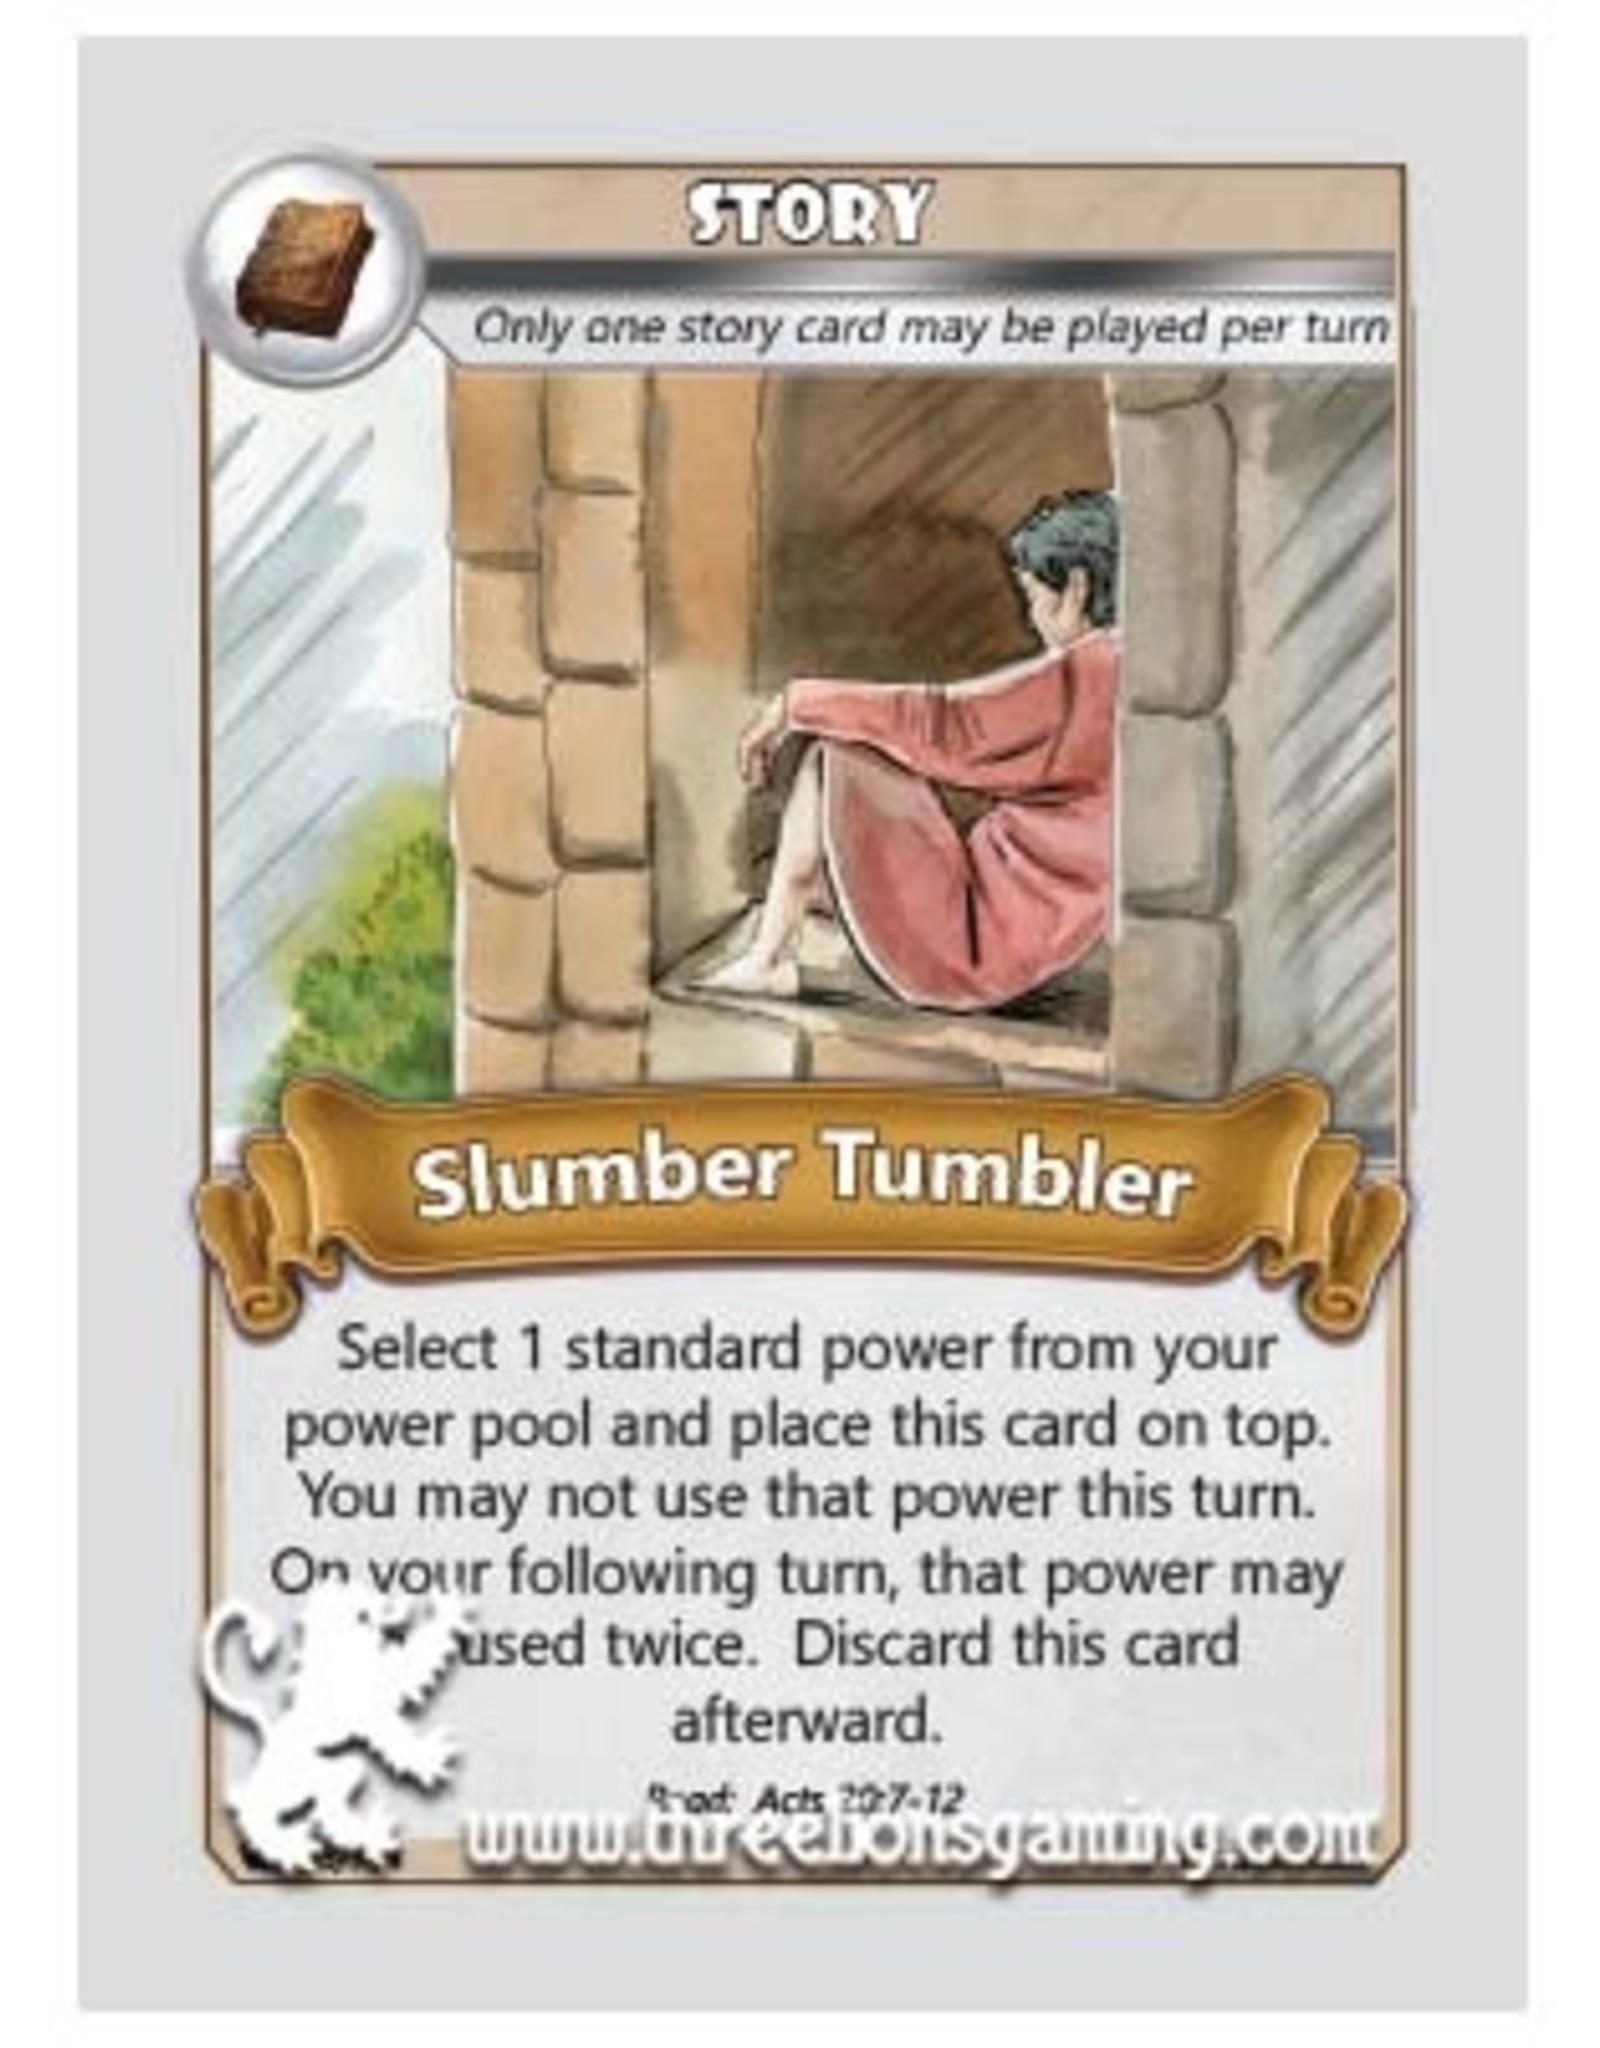 CT: Slumber Tumbler